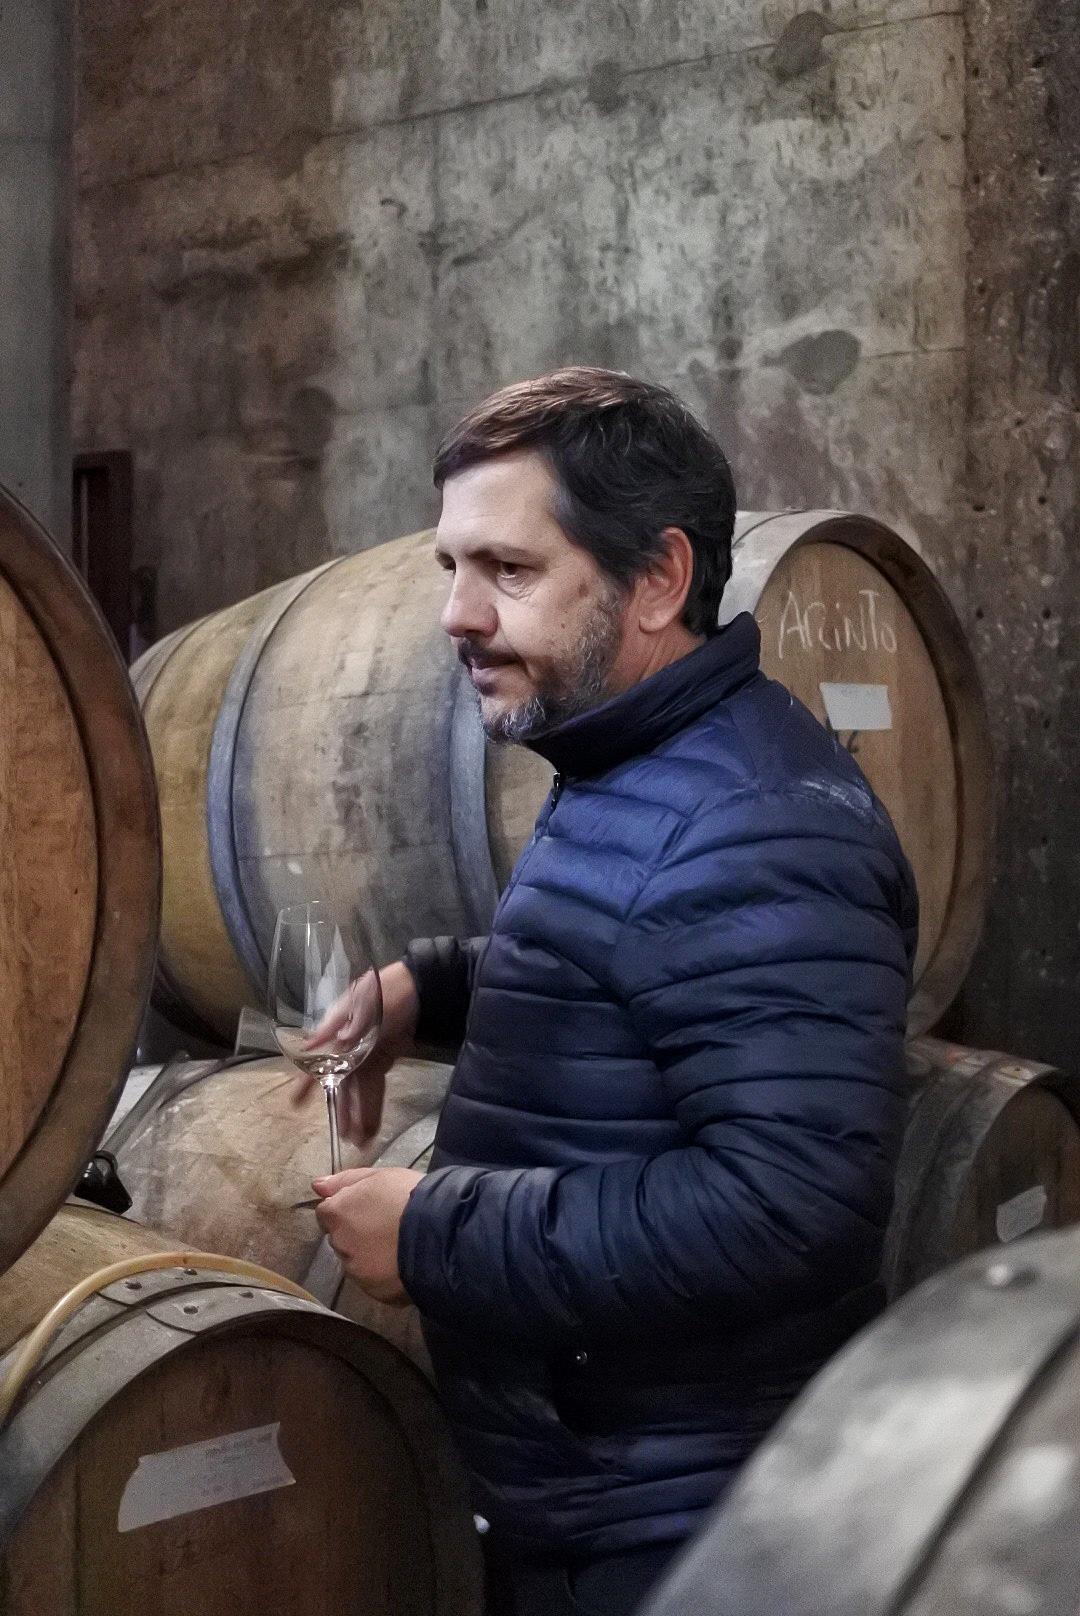 Antonio Marques da Cruz